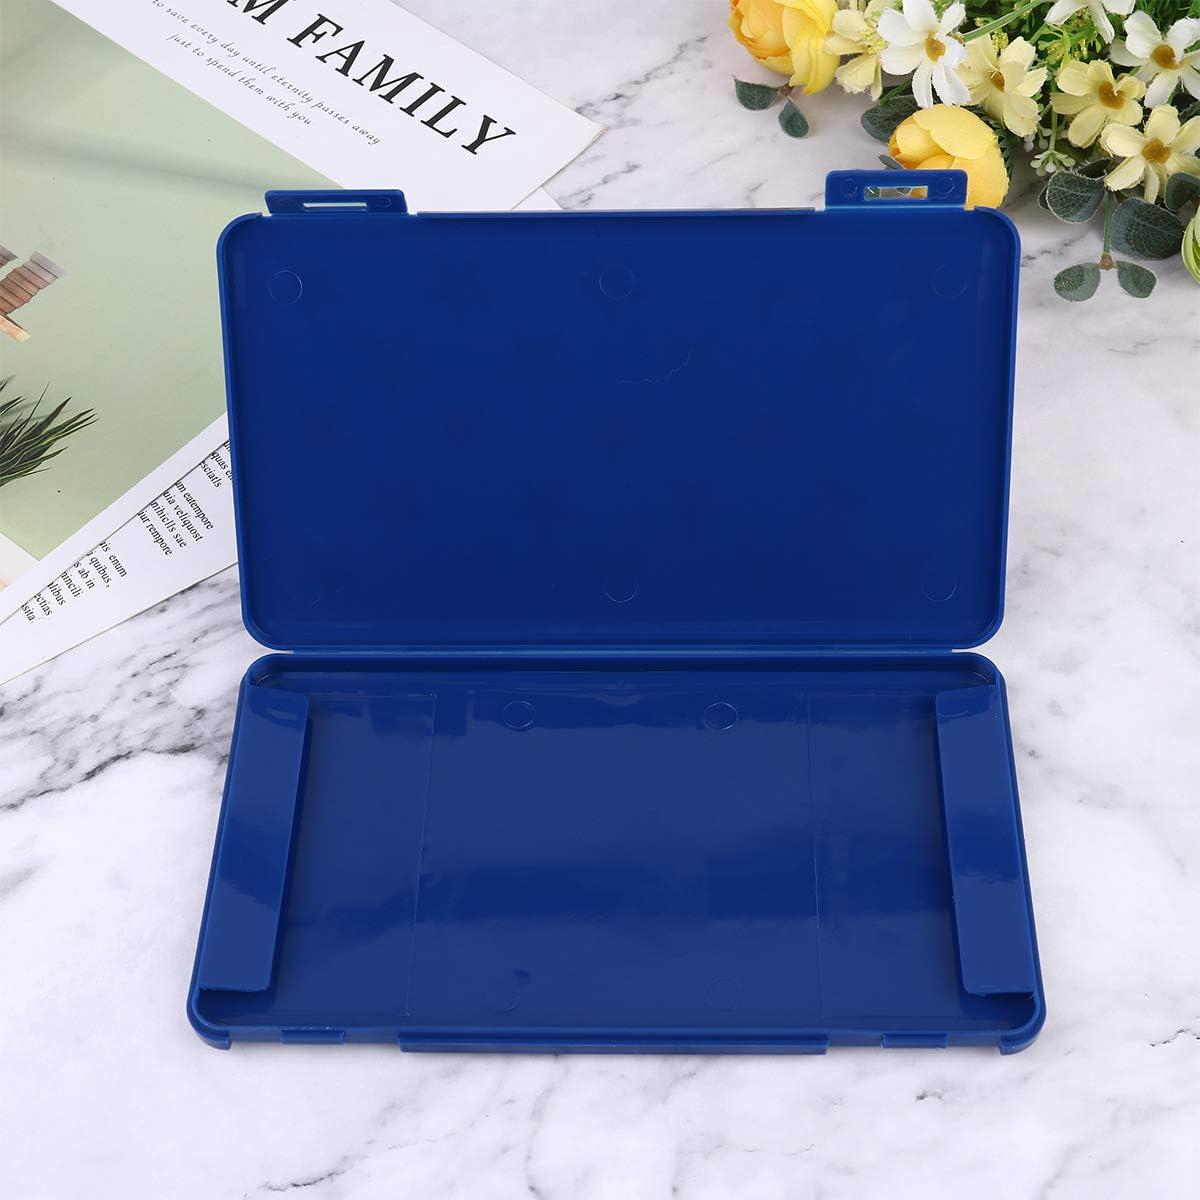 Bleu Cabilock /Étui de Rangement pour Masque Pliable Porte-Masque temporaire Portable Bo/îte de Transport de Bandage r/ésistant /à la salet/é pour Un Usage Quotidien